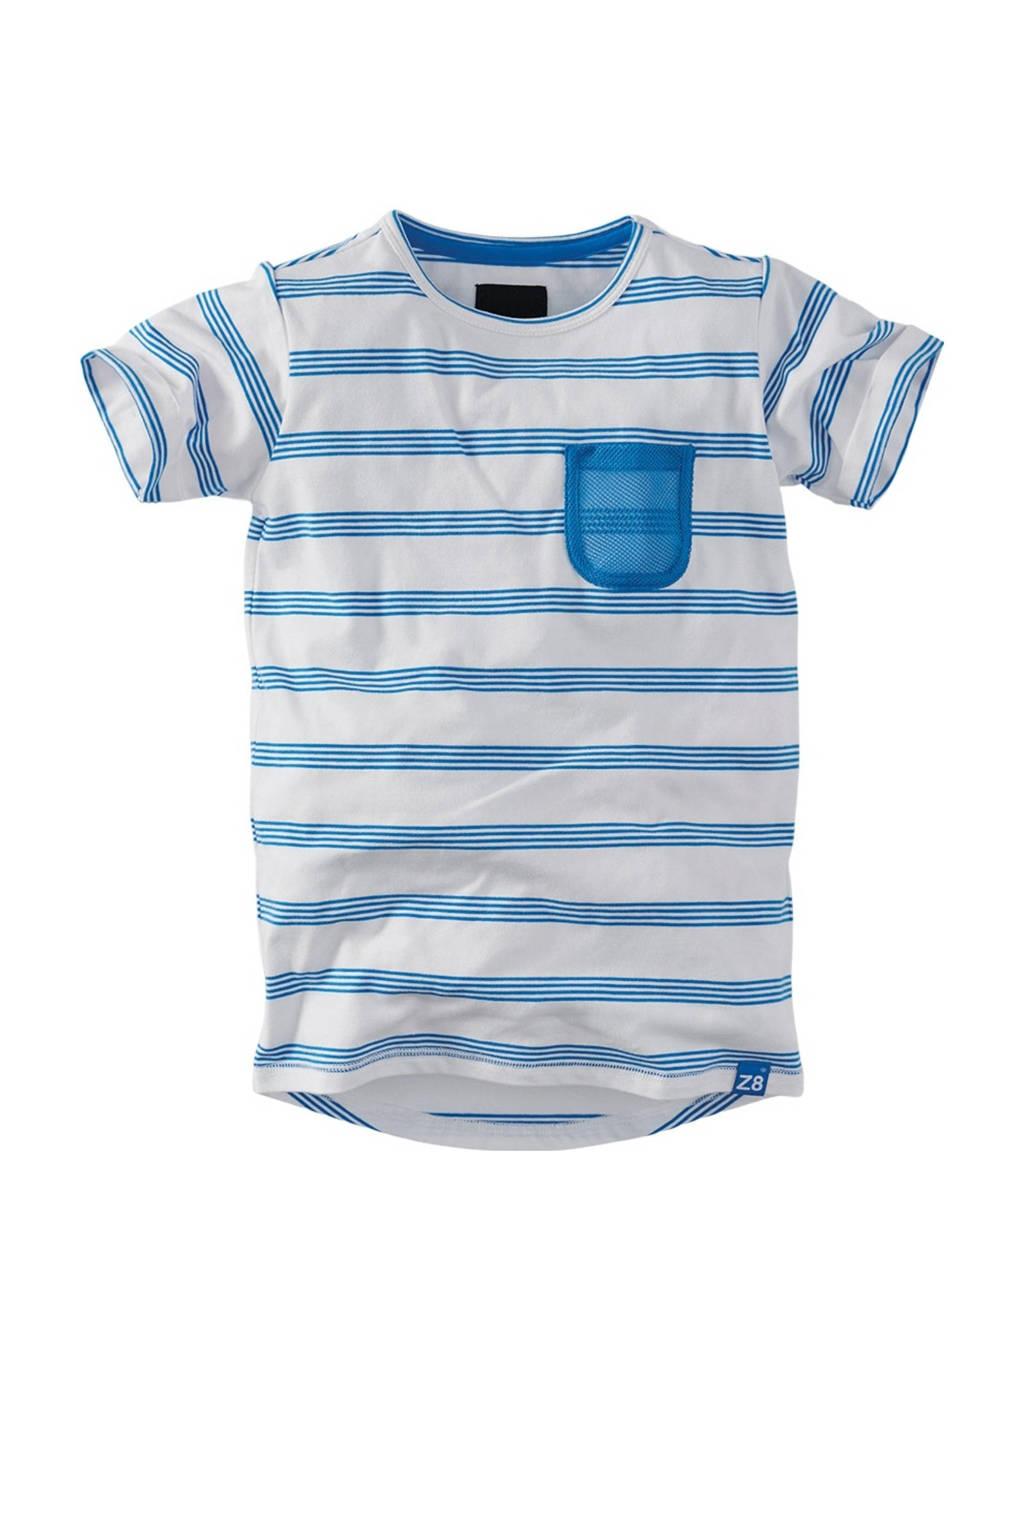 Z8 gestreept T-shirt Cenzo wit/blauw, Wit/blauw